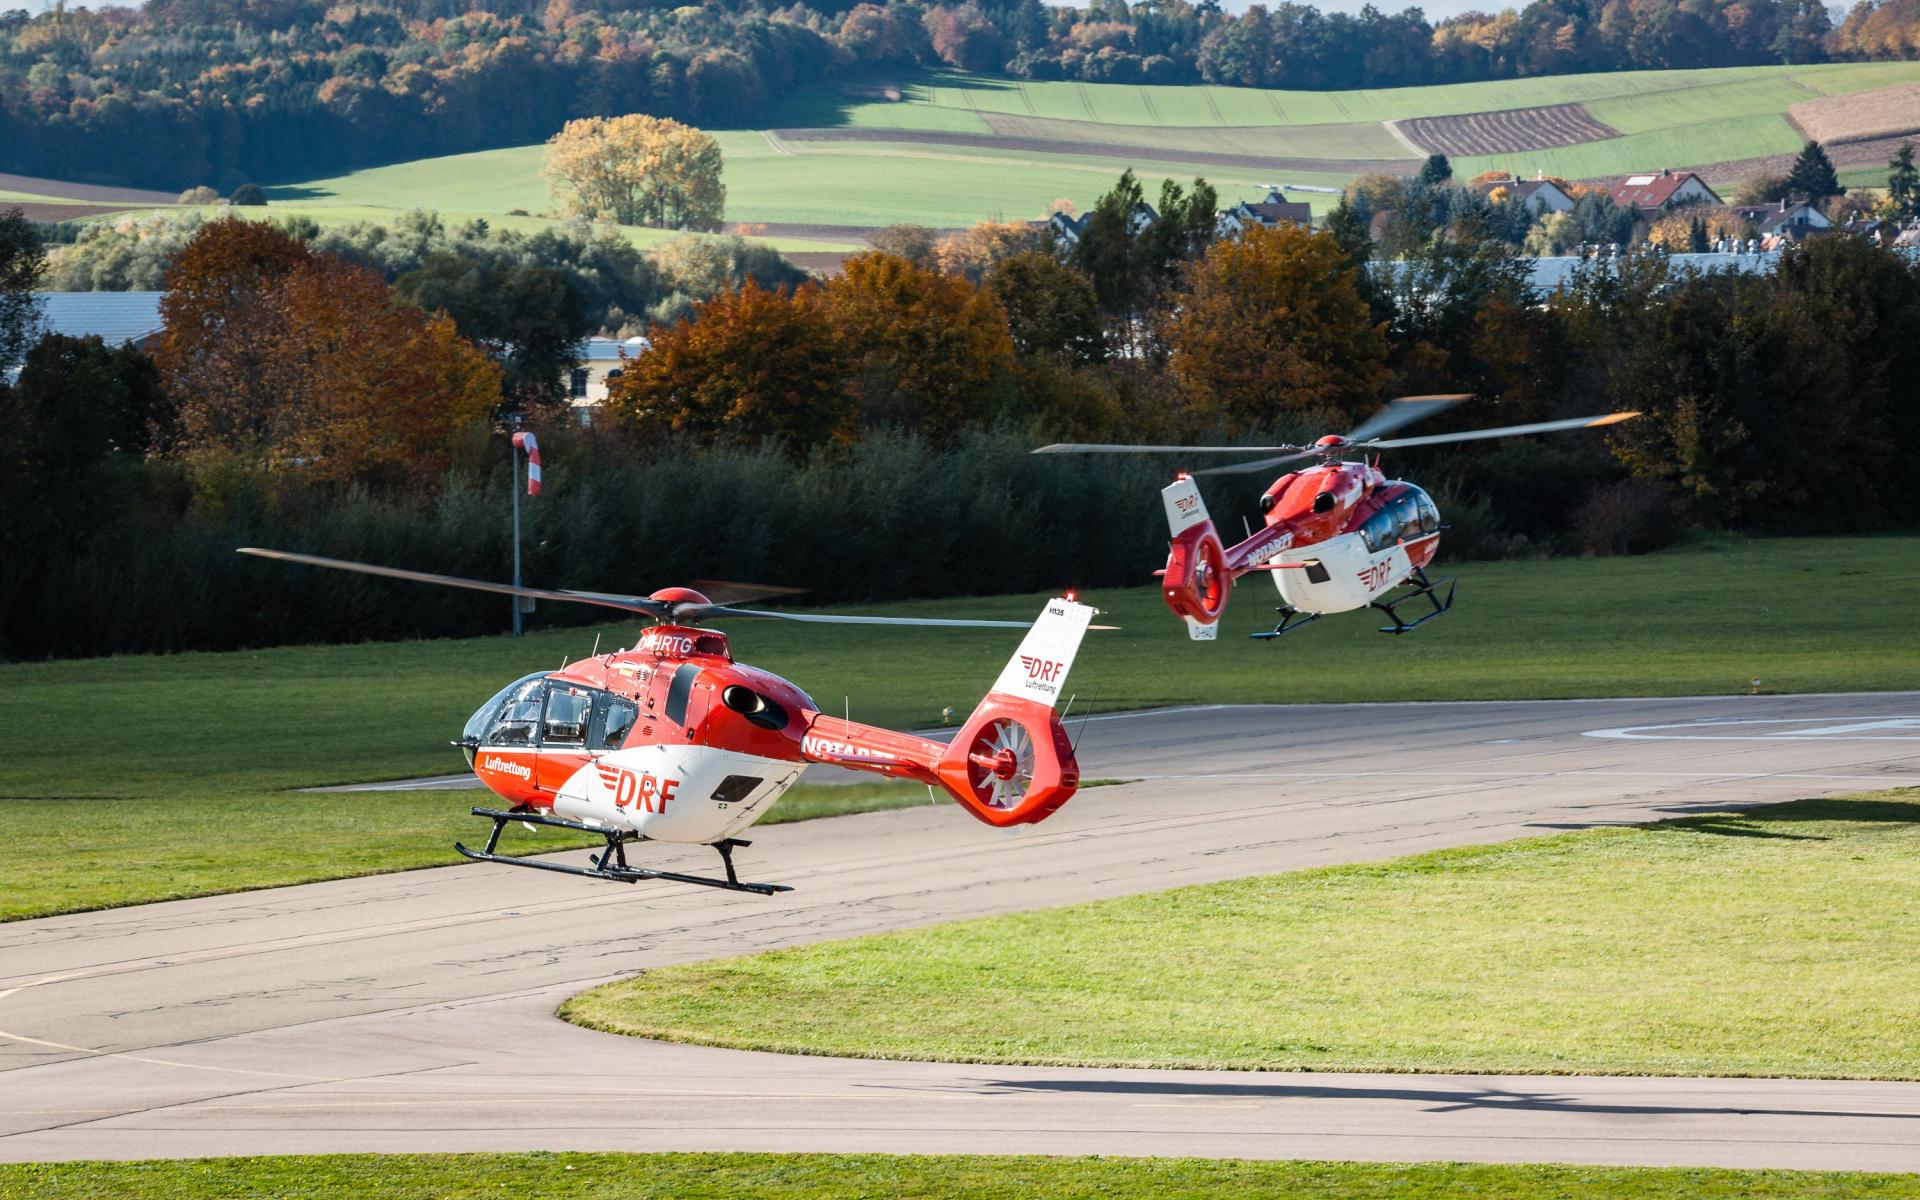 Die Hubschrauber des Typs H135 mit Helionix und H145 starteten zu ihrem Überführungsflug von Donauwörth in die Werft der DRF Luftrettung am 16. Oktober 2019 (Quelle: Airbus Helicopters/Patrick Heinz)